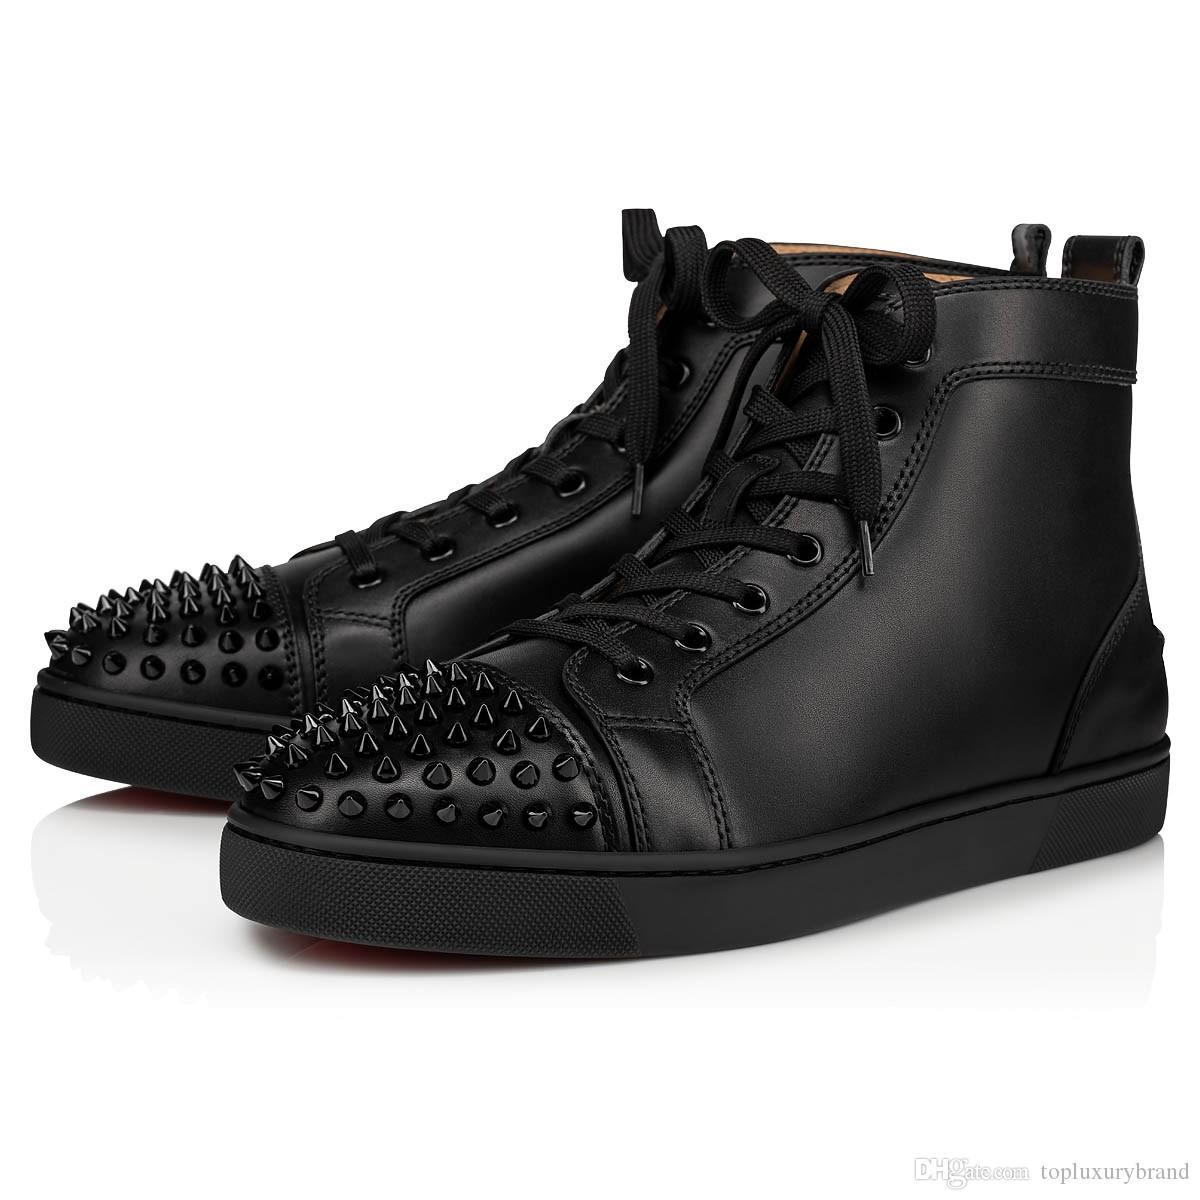 أزياء العلامة التجارية الأحمر نعال أحذية الرجال الأحذية المرصعة المسامير شقق أحذية القاع الأحمر لمحبي الرجال والنساء حزب احذية جلدية حقيقية